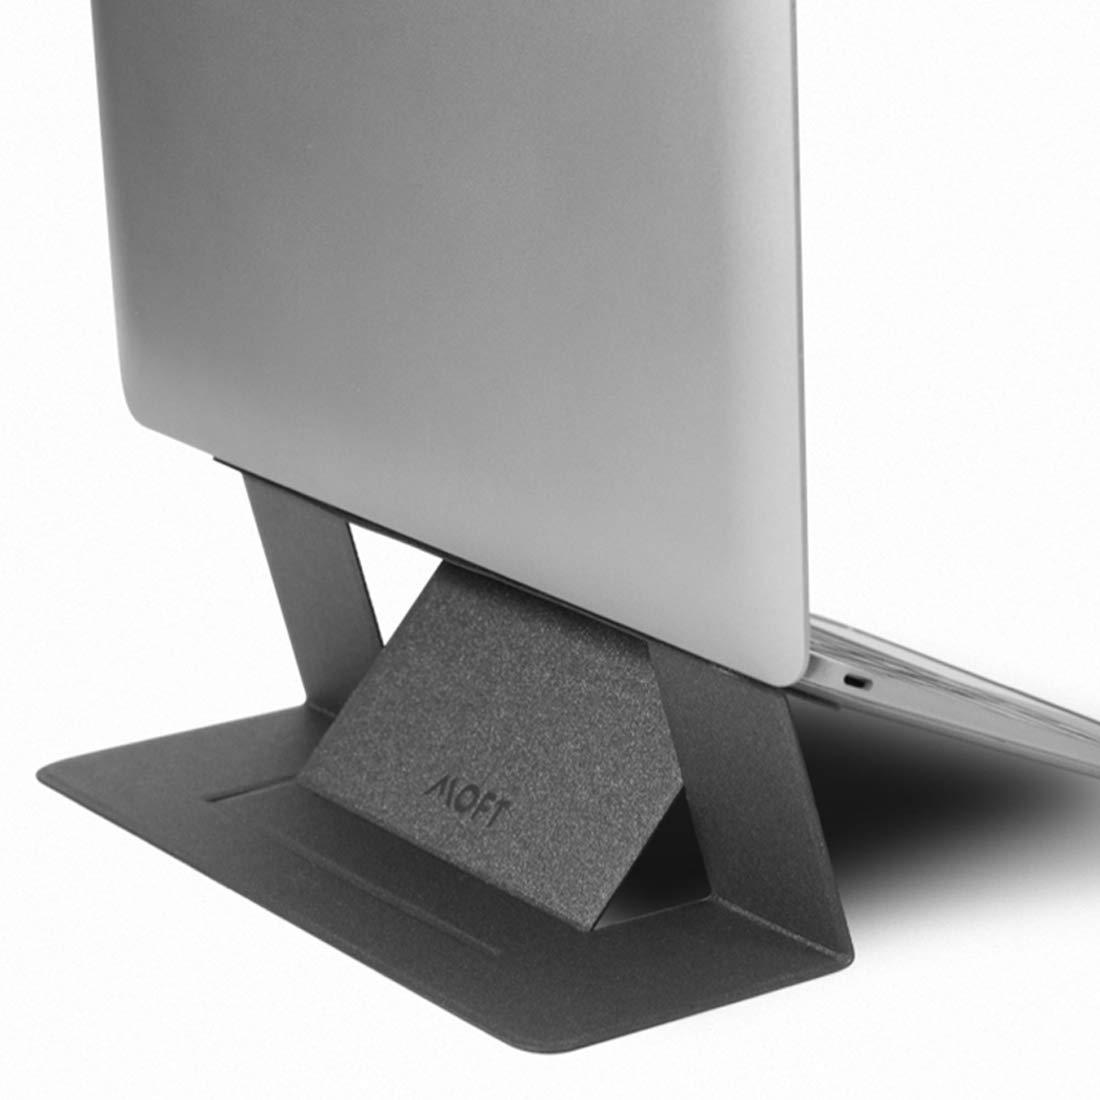 【正規代理店】MOFT ノートパソコンスタンド 超軽量/極薄 Macbook Pro/Air(スペースグレイ)